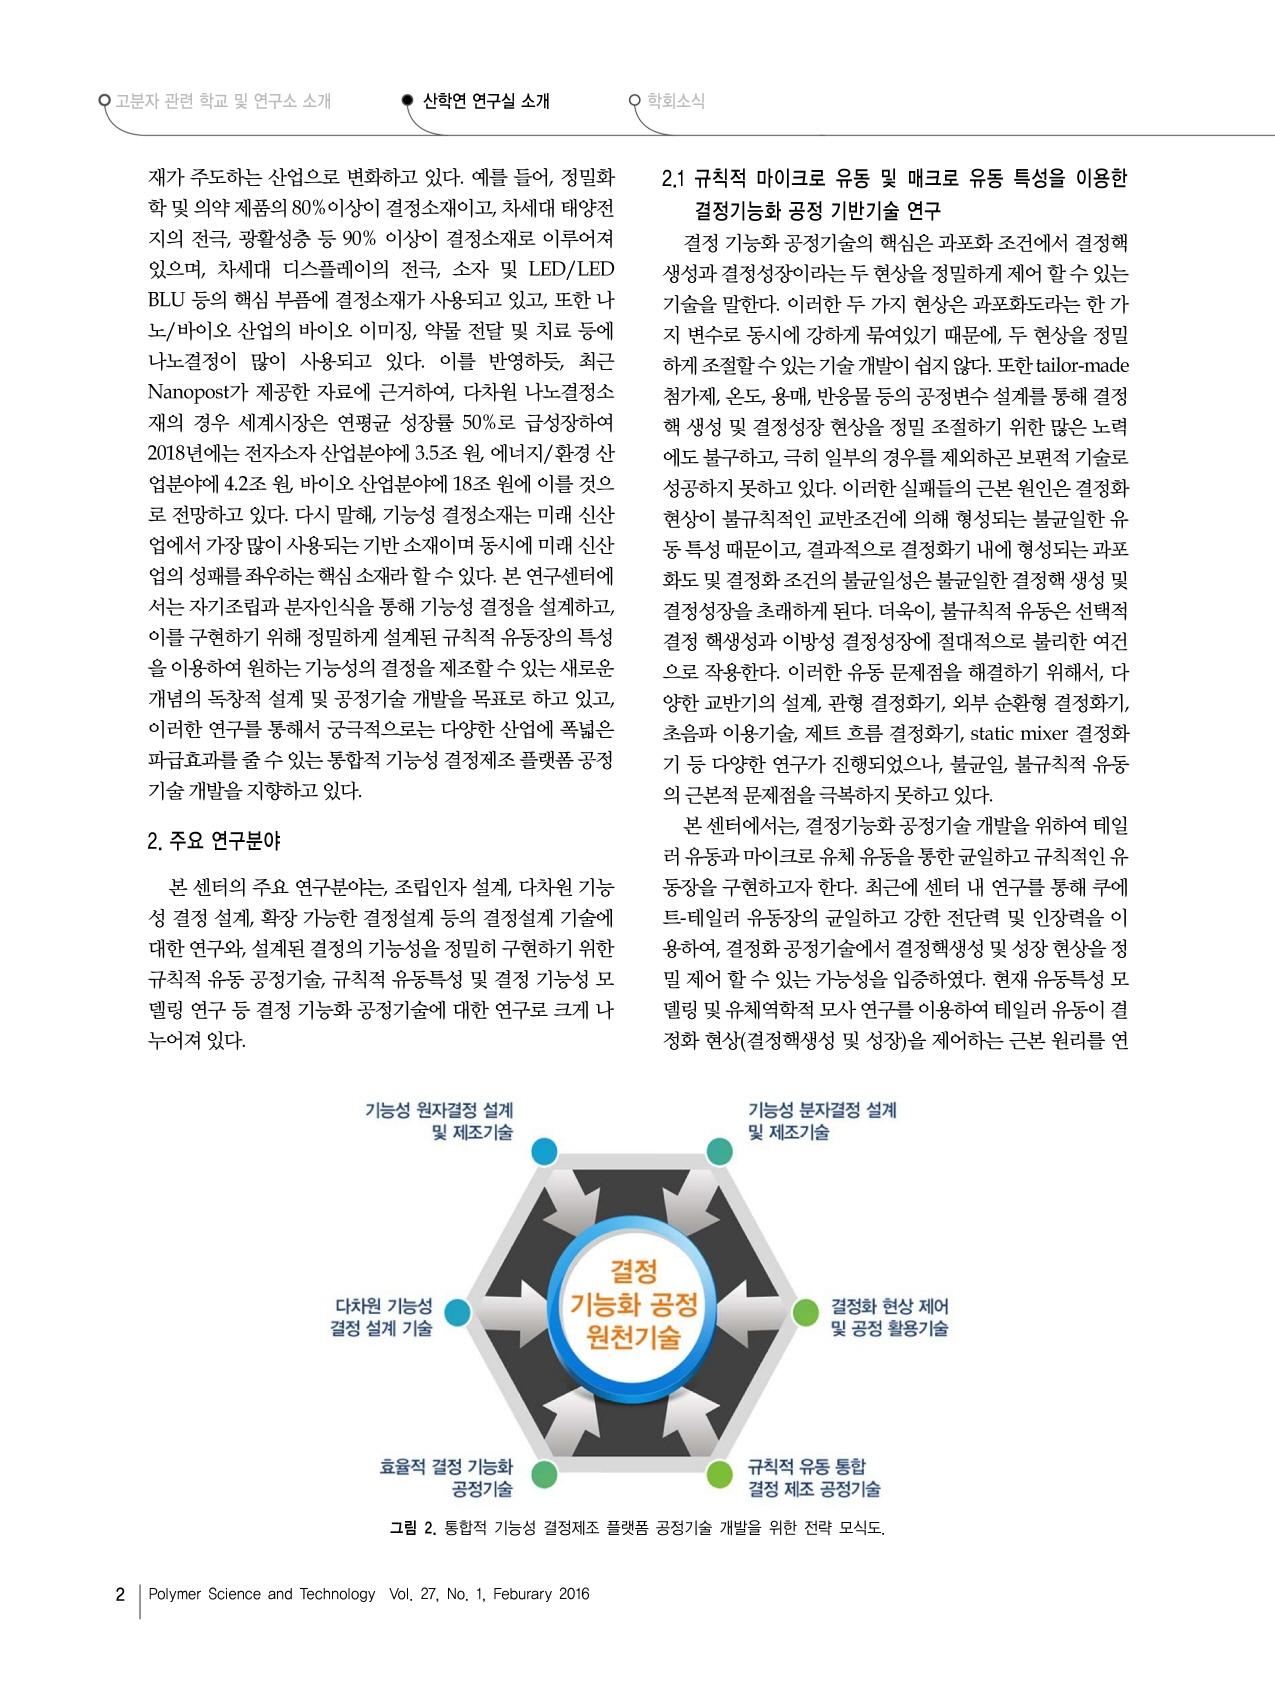 크기변환_고분자학회_산학연소개_김우식_rev1_2.jpg